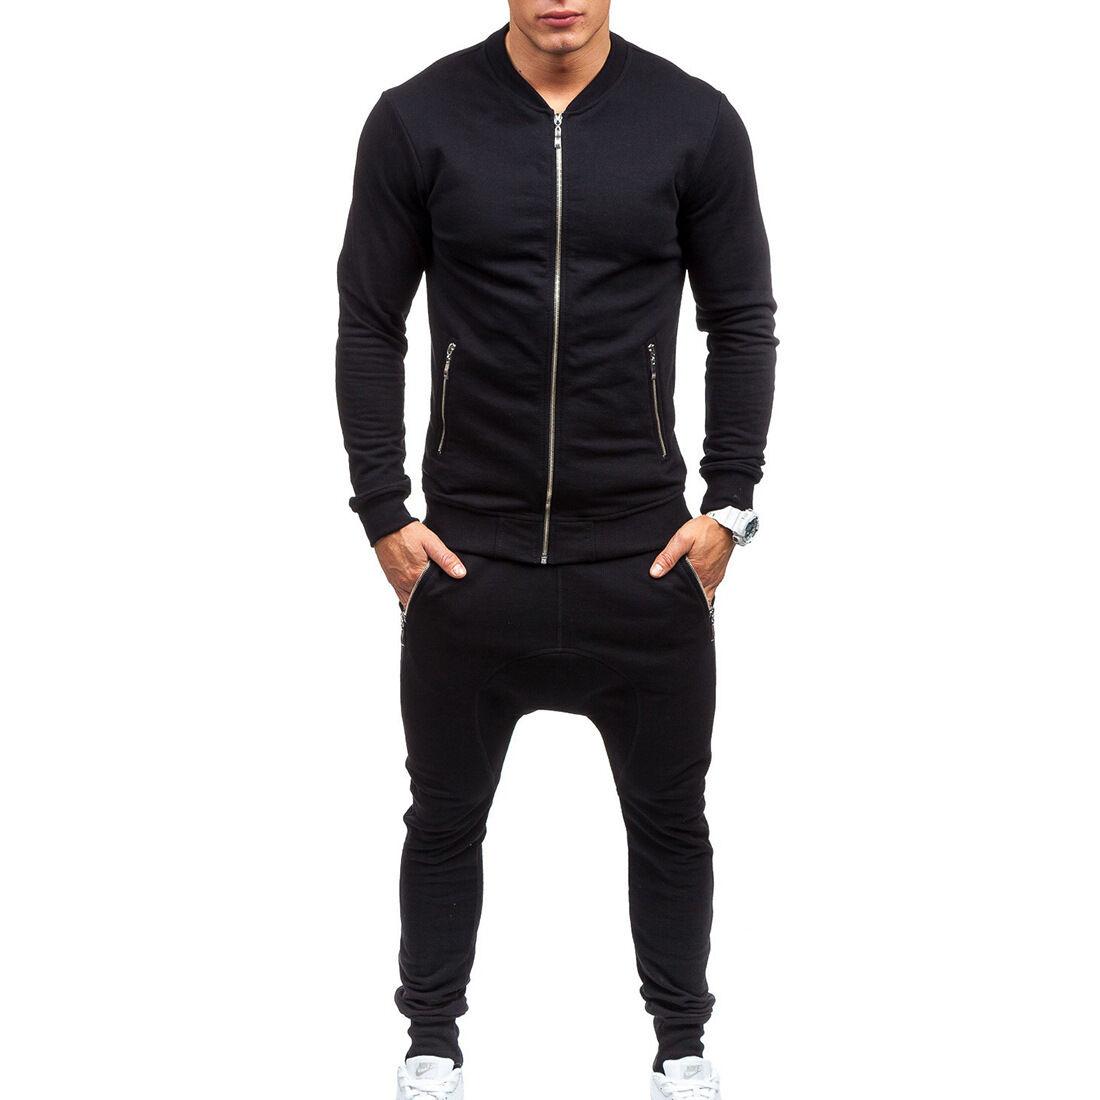 homme combinaison de jogging tenue de sport pantalon veste eur 20 19 picclick fr. Black Bedroom Furniture Sets. Home Design Ideas